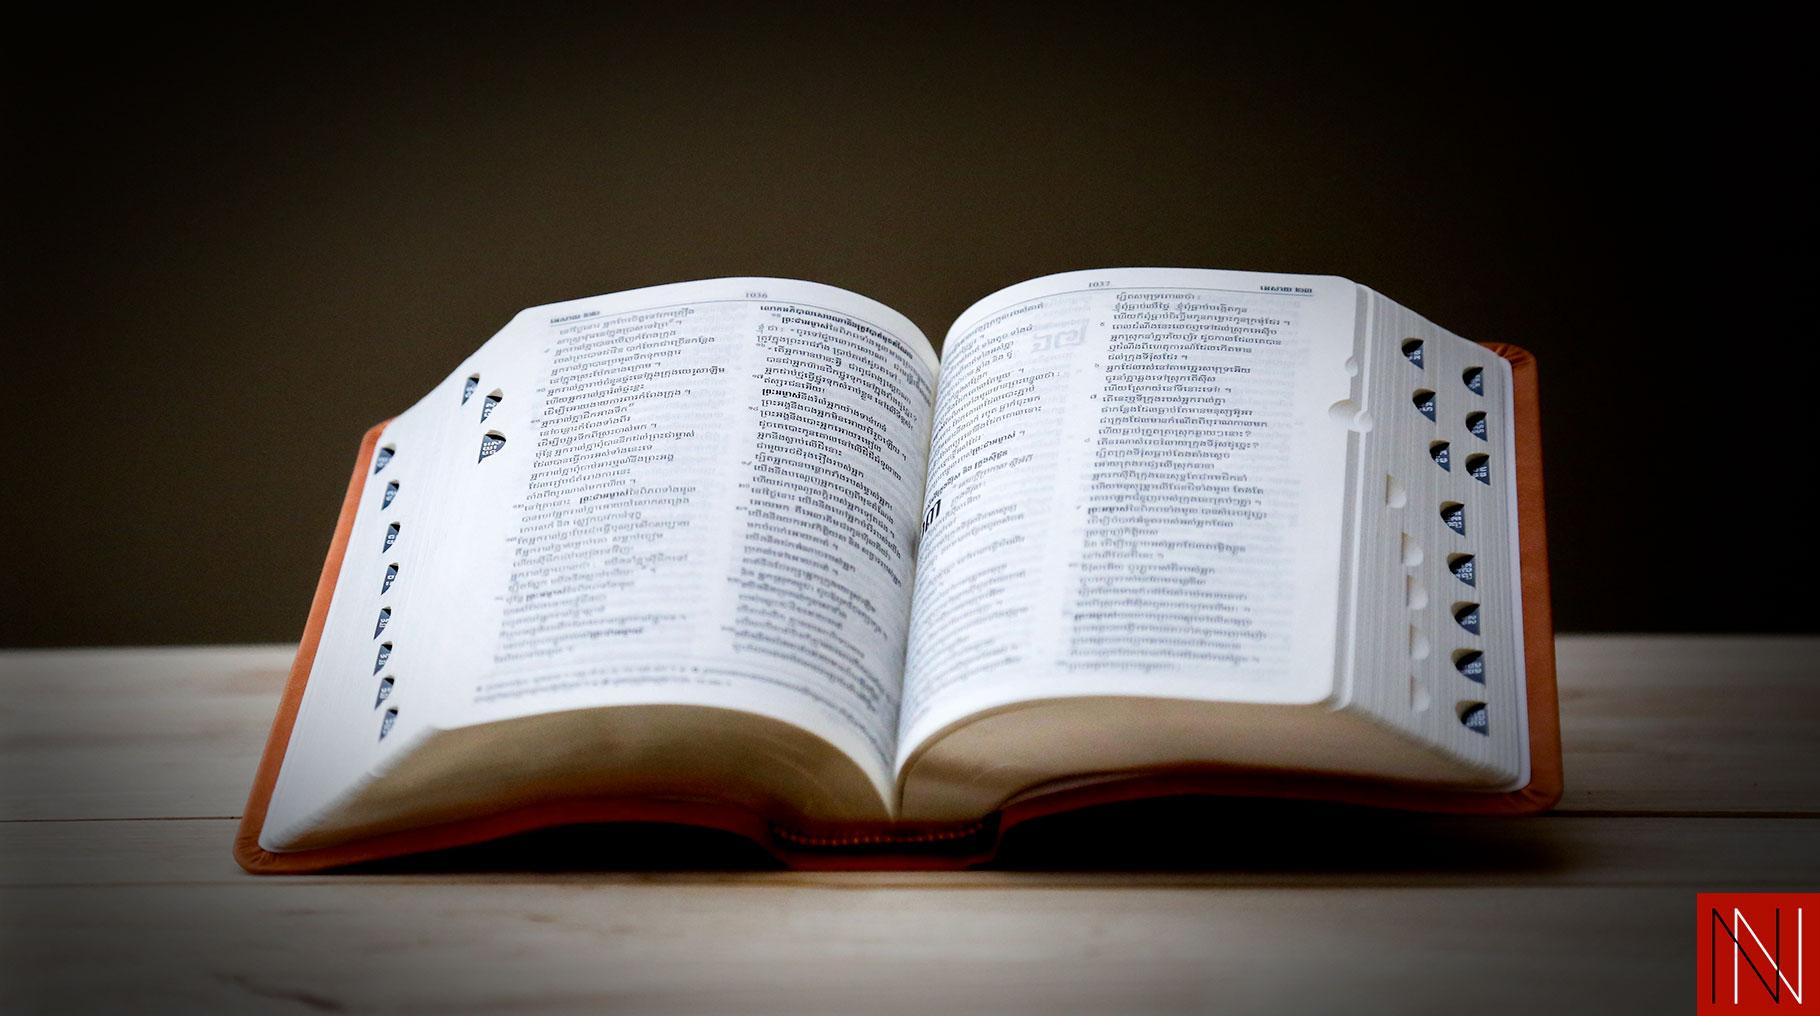 Les fondamentaux (1) : quelques définitions